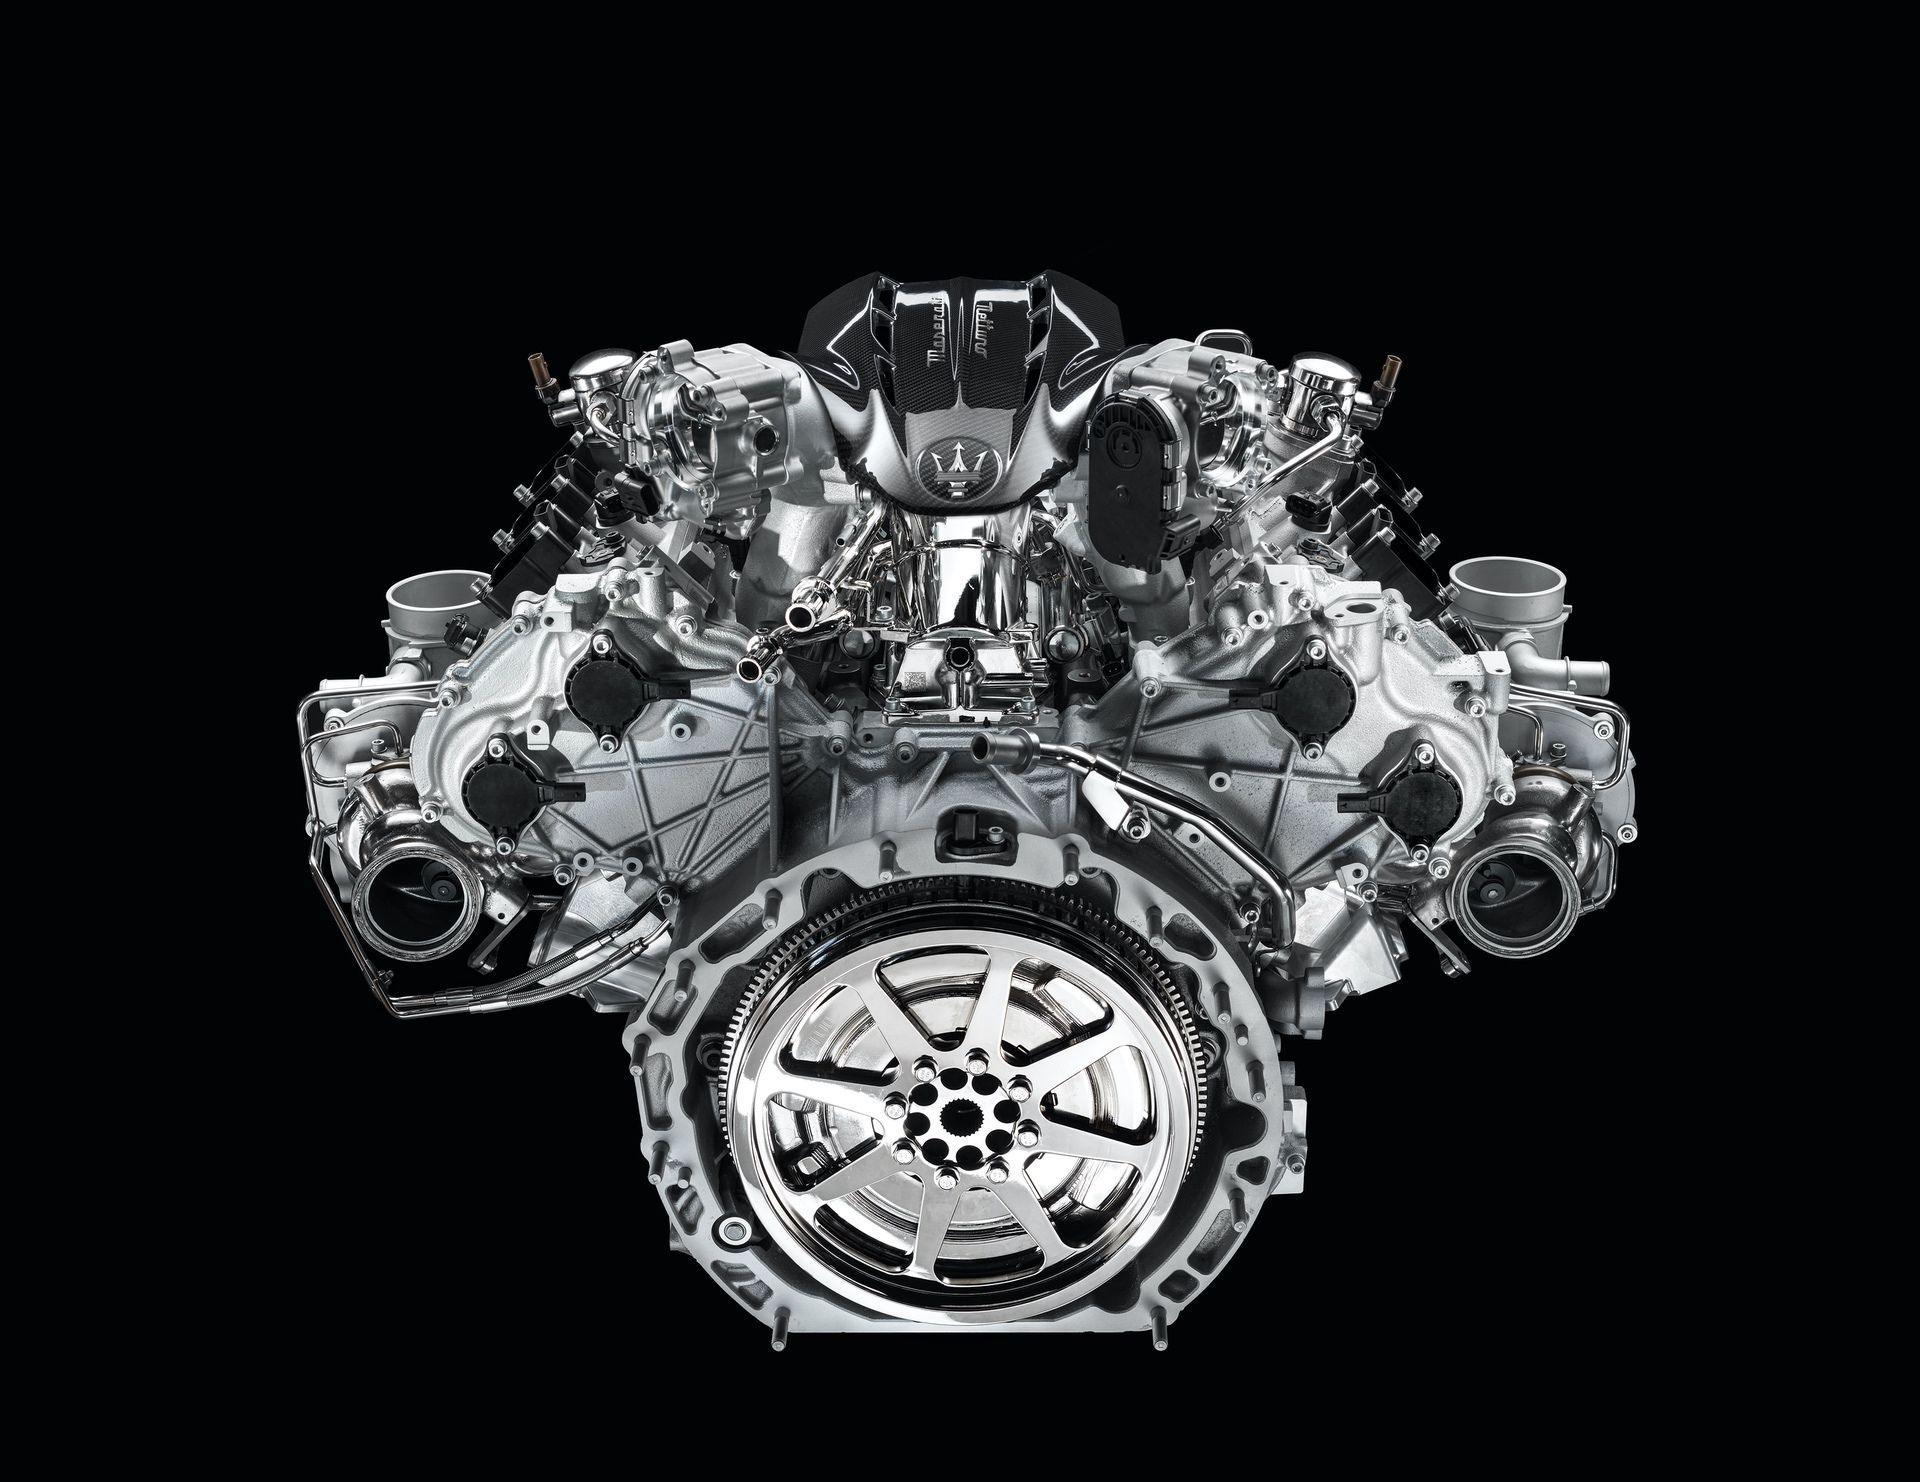 Maserati_Nettuno_engine_0006